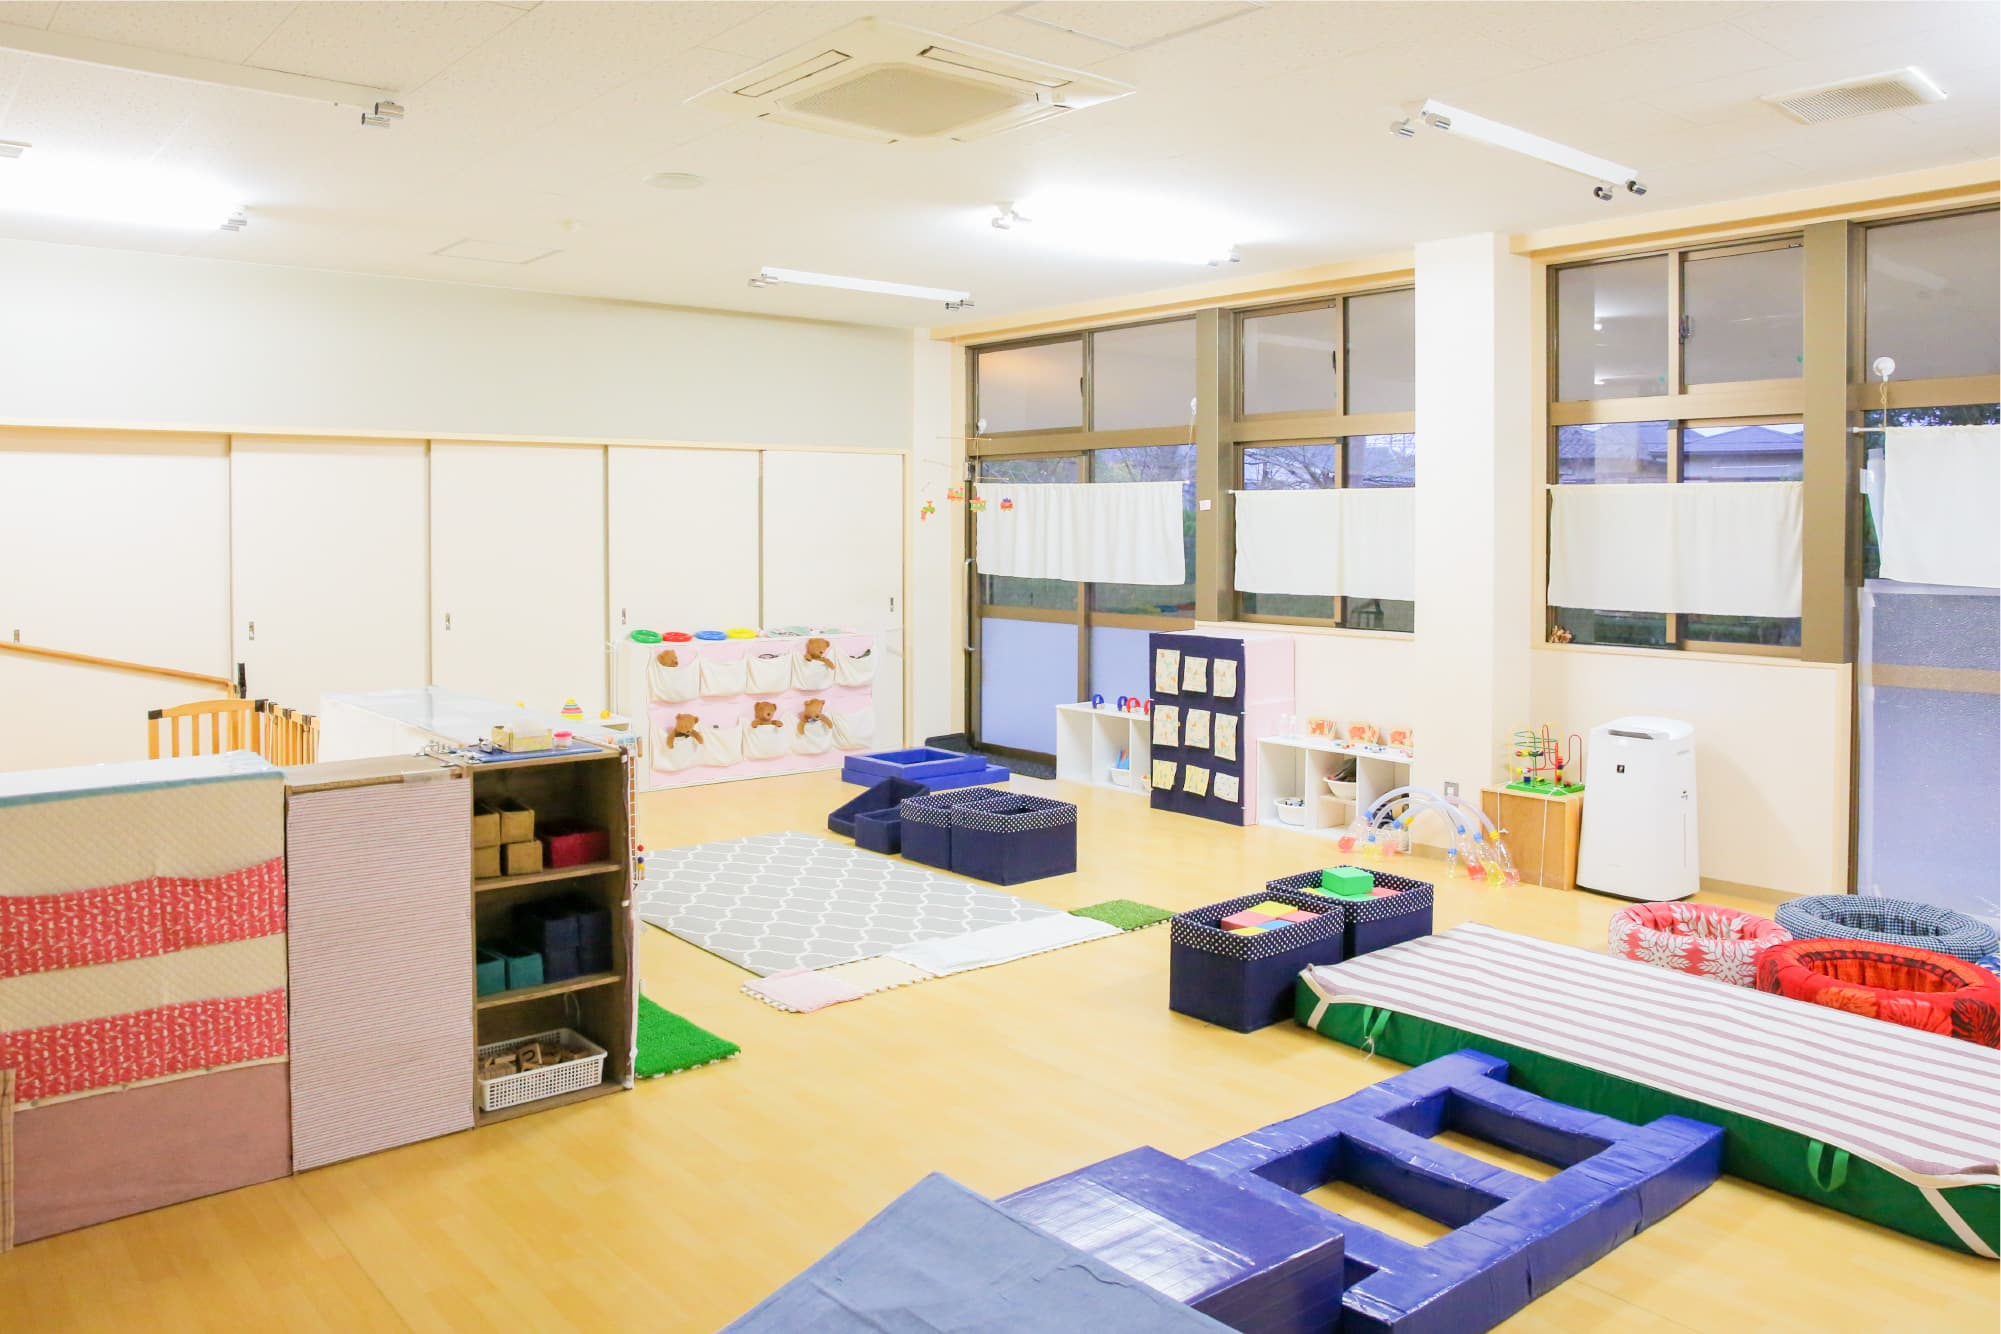 夢中で遊べる仕掛けがたくさん詰まった保育室(保育園)